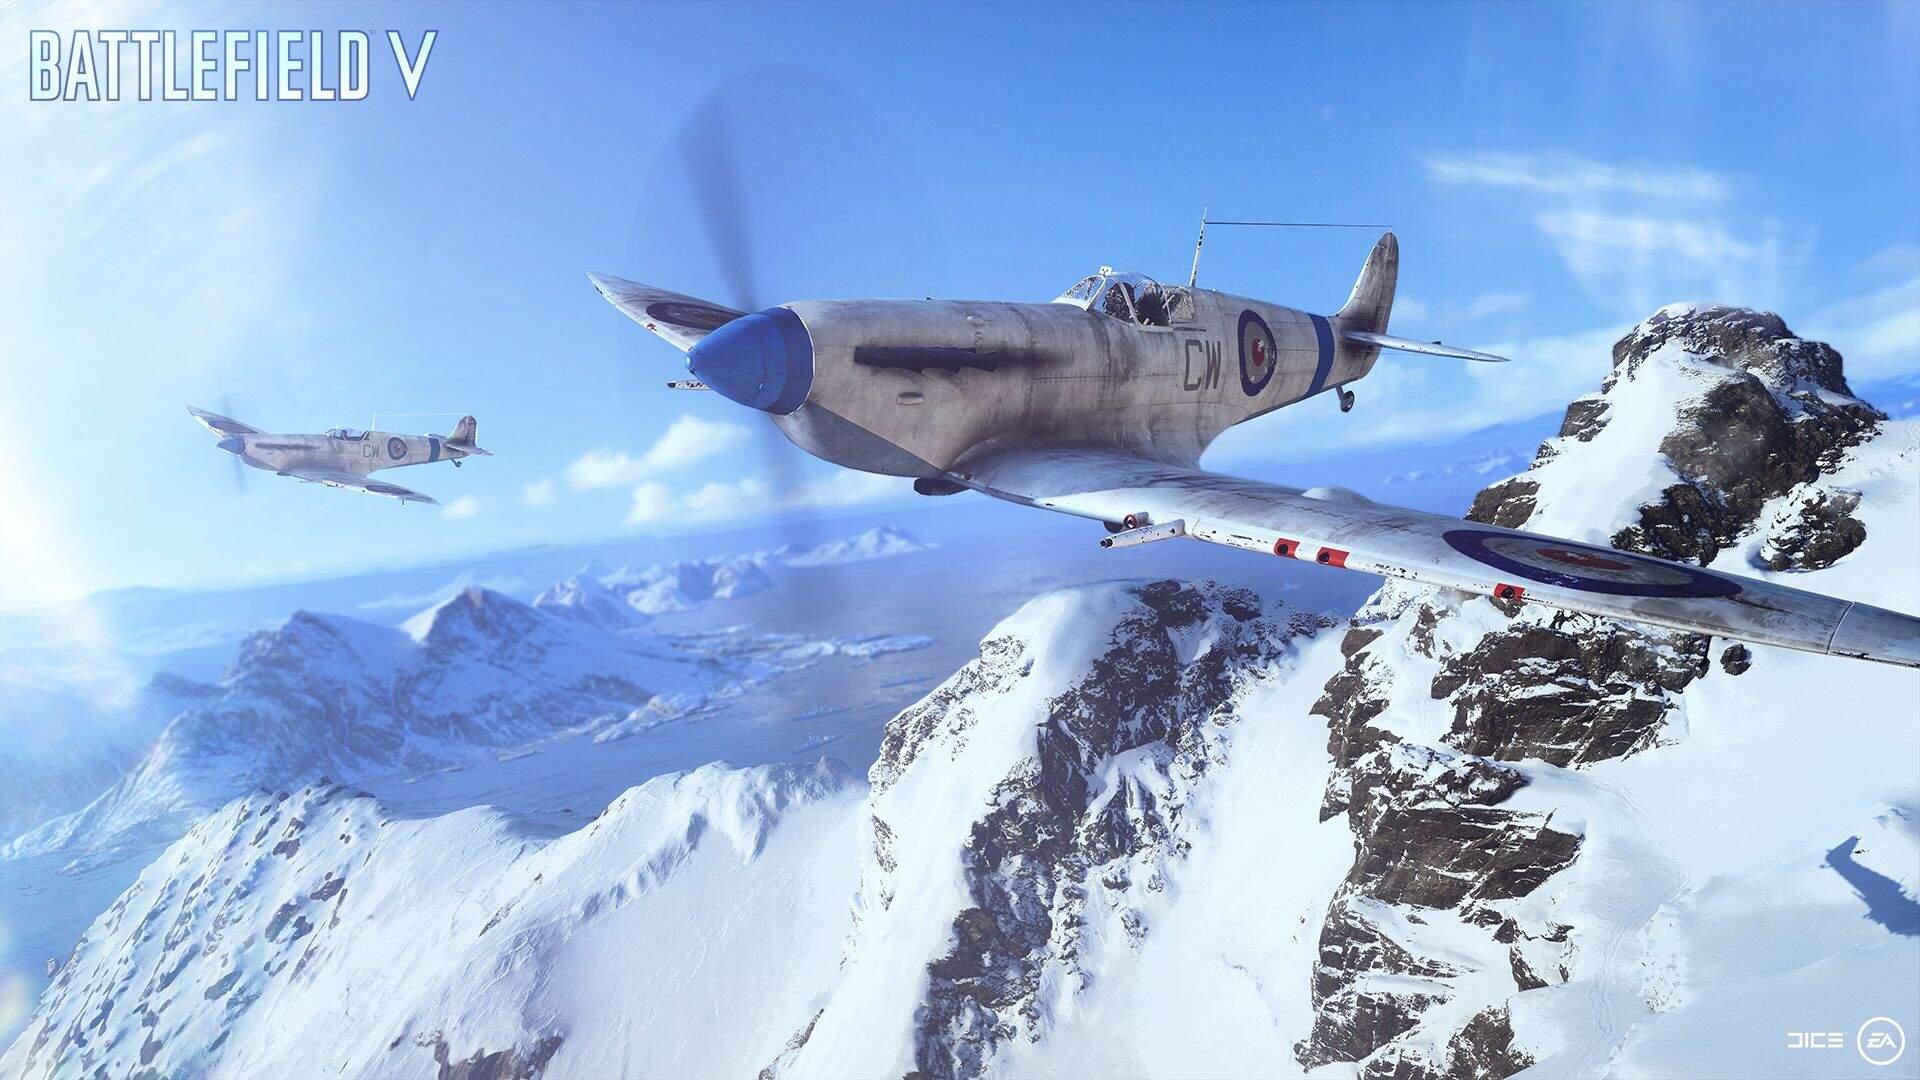 Battlefield V Screenshot 05